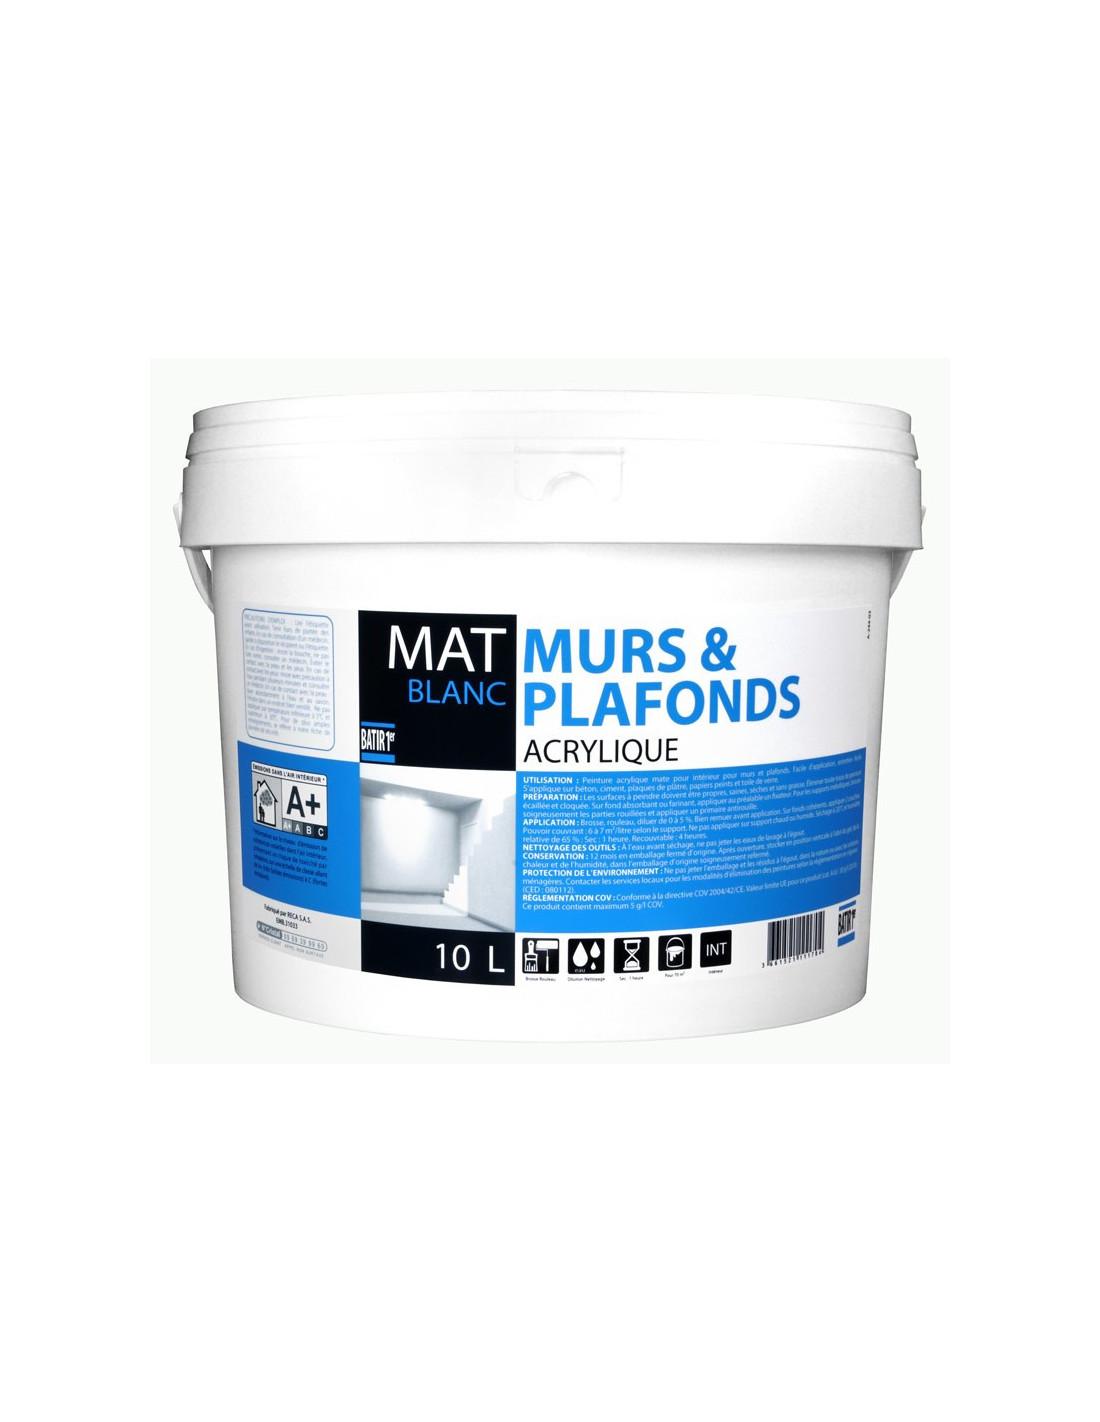 Peinture Blanc Brillant Mur Et Plafond reca peinture acrylique batir 1er prix mur & plafonds mat blanc 10 l